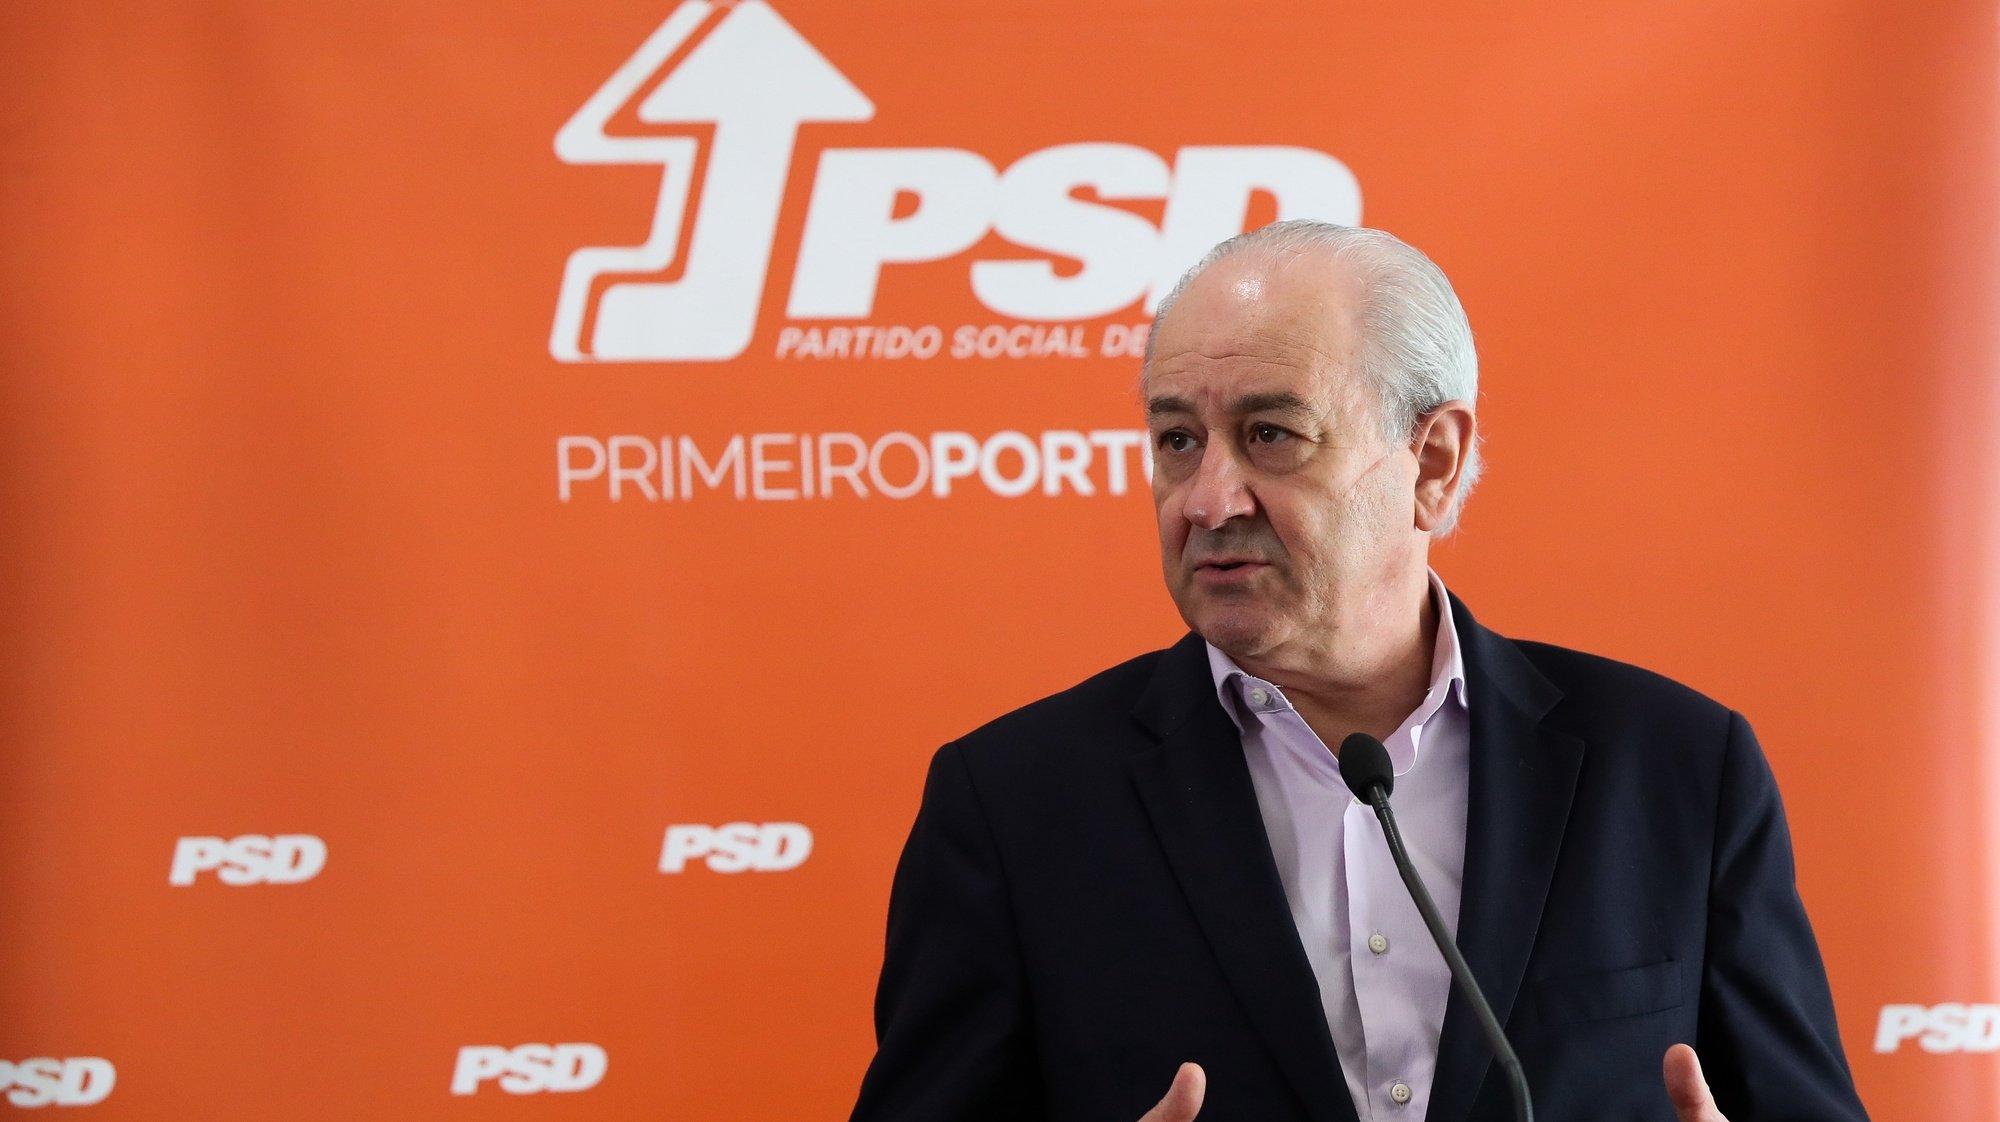 O presidente do PSD, Rui Rio, durante a conferência de imprensa no final da reunião da Coordenação Nacional do Conselho Estratégico Nacional do partido, na Figueira da Foz, 3 de de julho de 2021. PAULO NOVAIS/LUSA